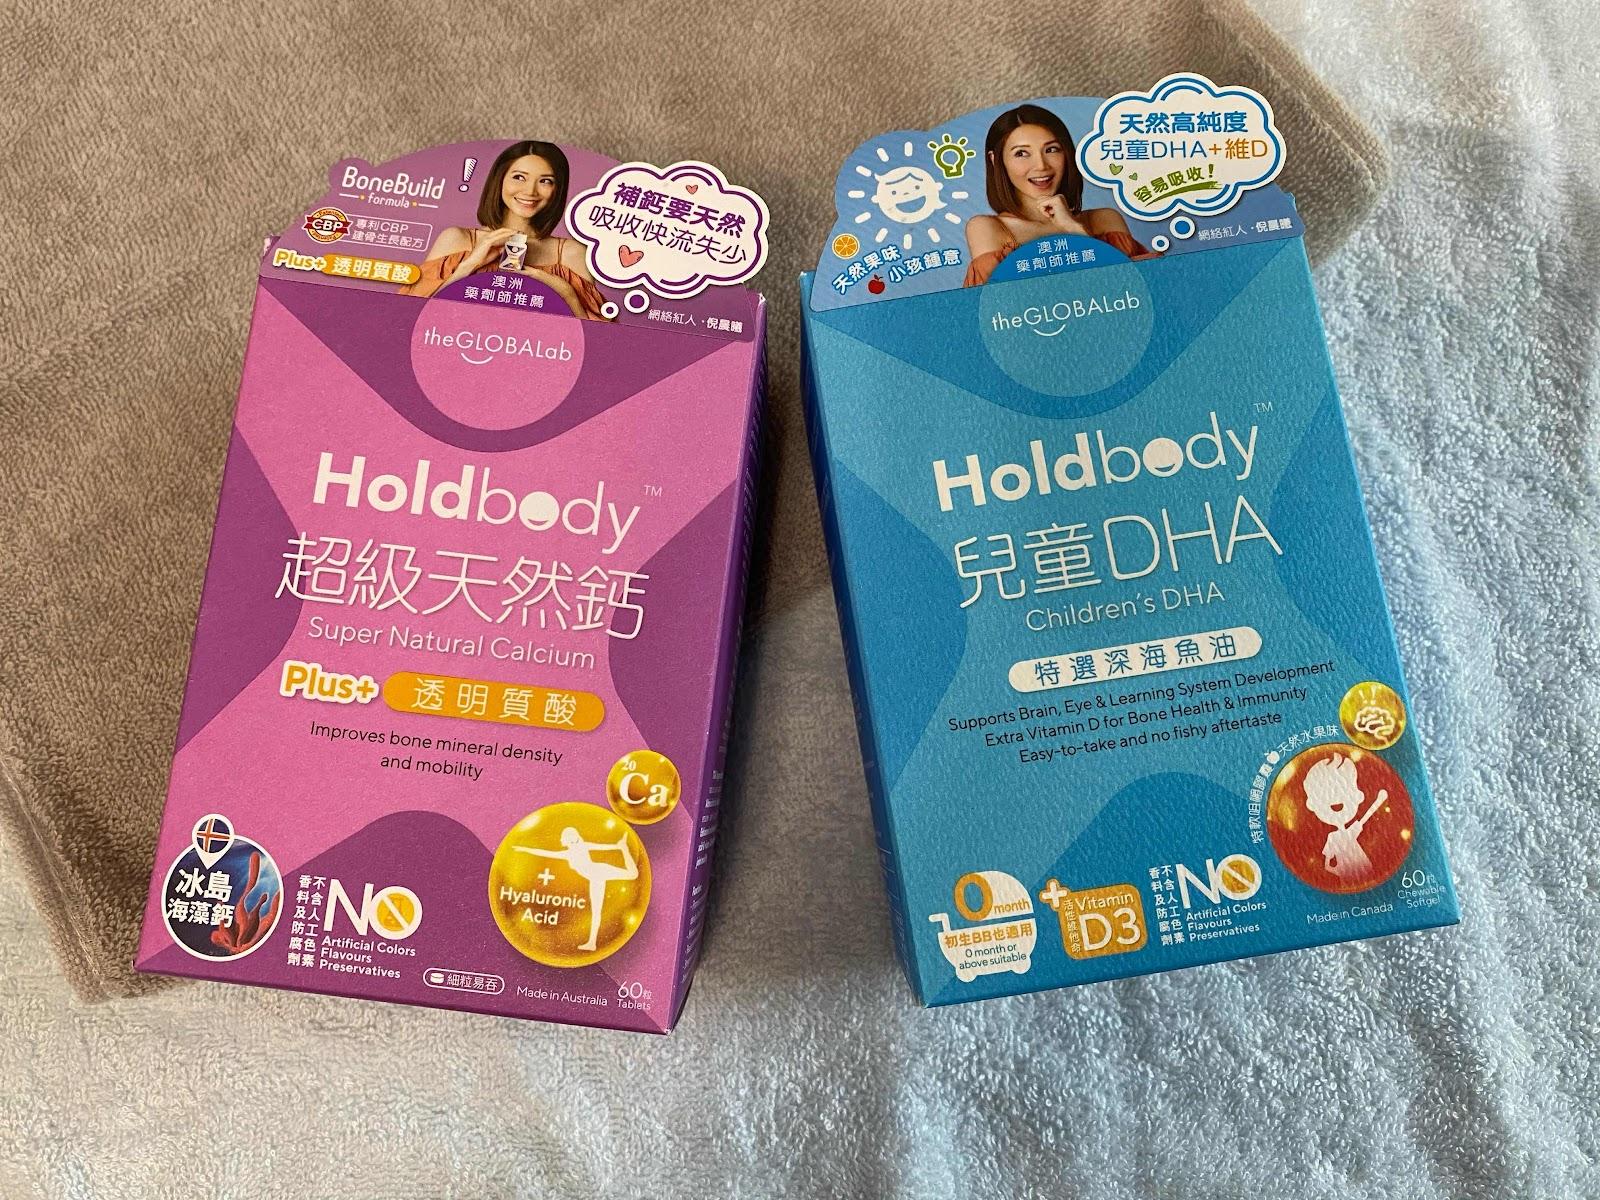 媽媽補鈣,寶寶提升大腦學習,Holdbody 超級天然鈣和兒童DHA